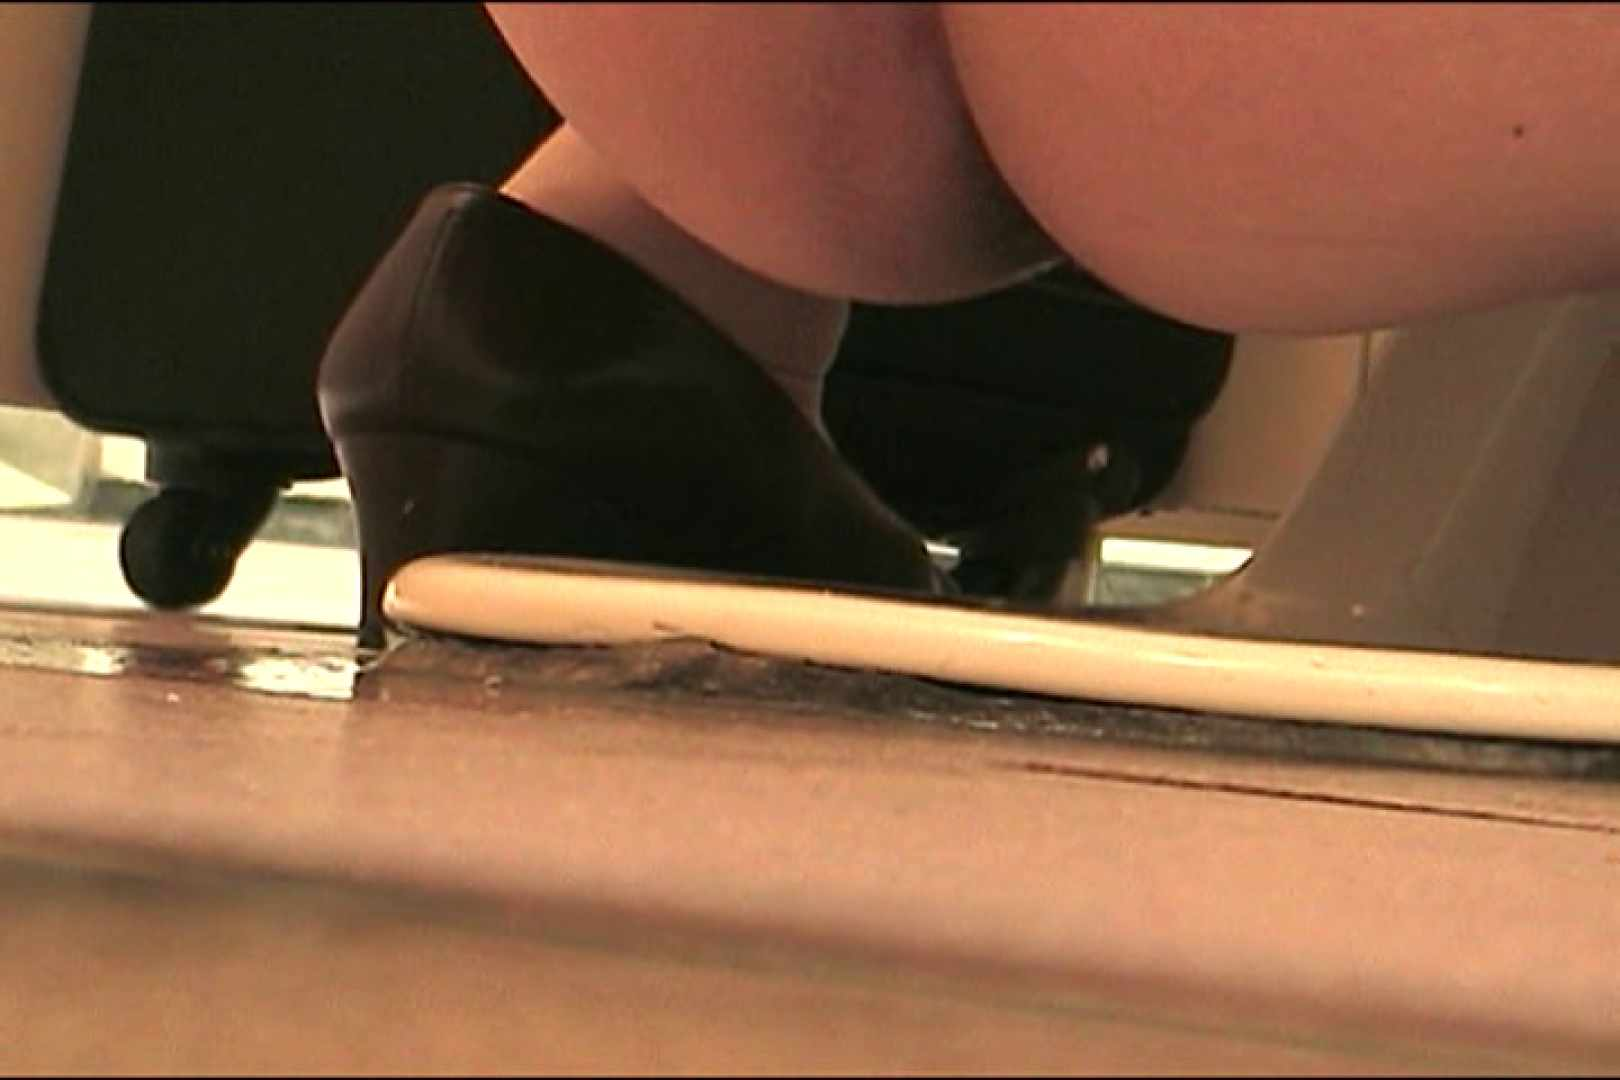 マンコ丸見え女子洗面所Vol.44 OL女体 隠し撮りオマンコ動画紹介 41連発 23